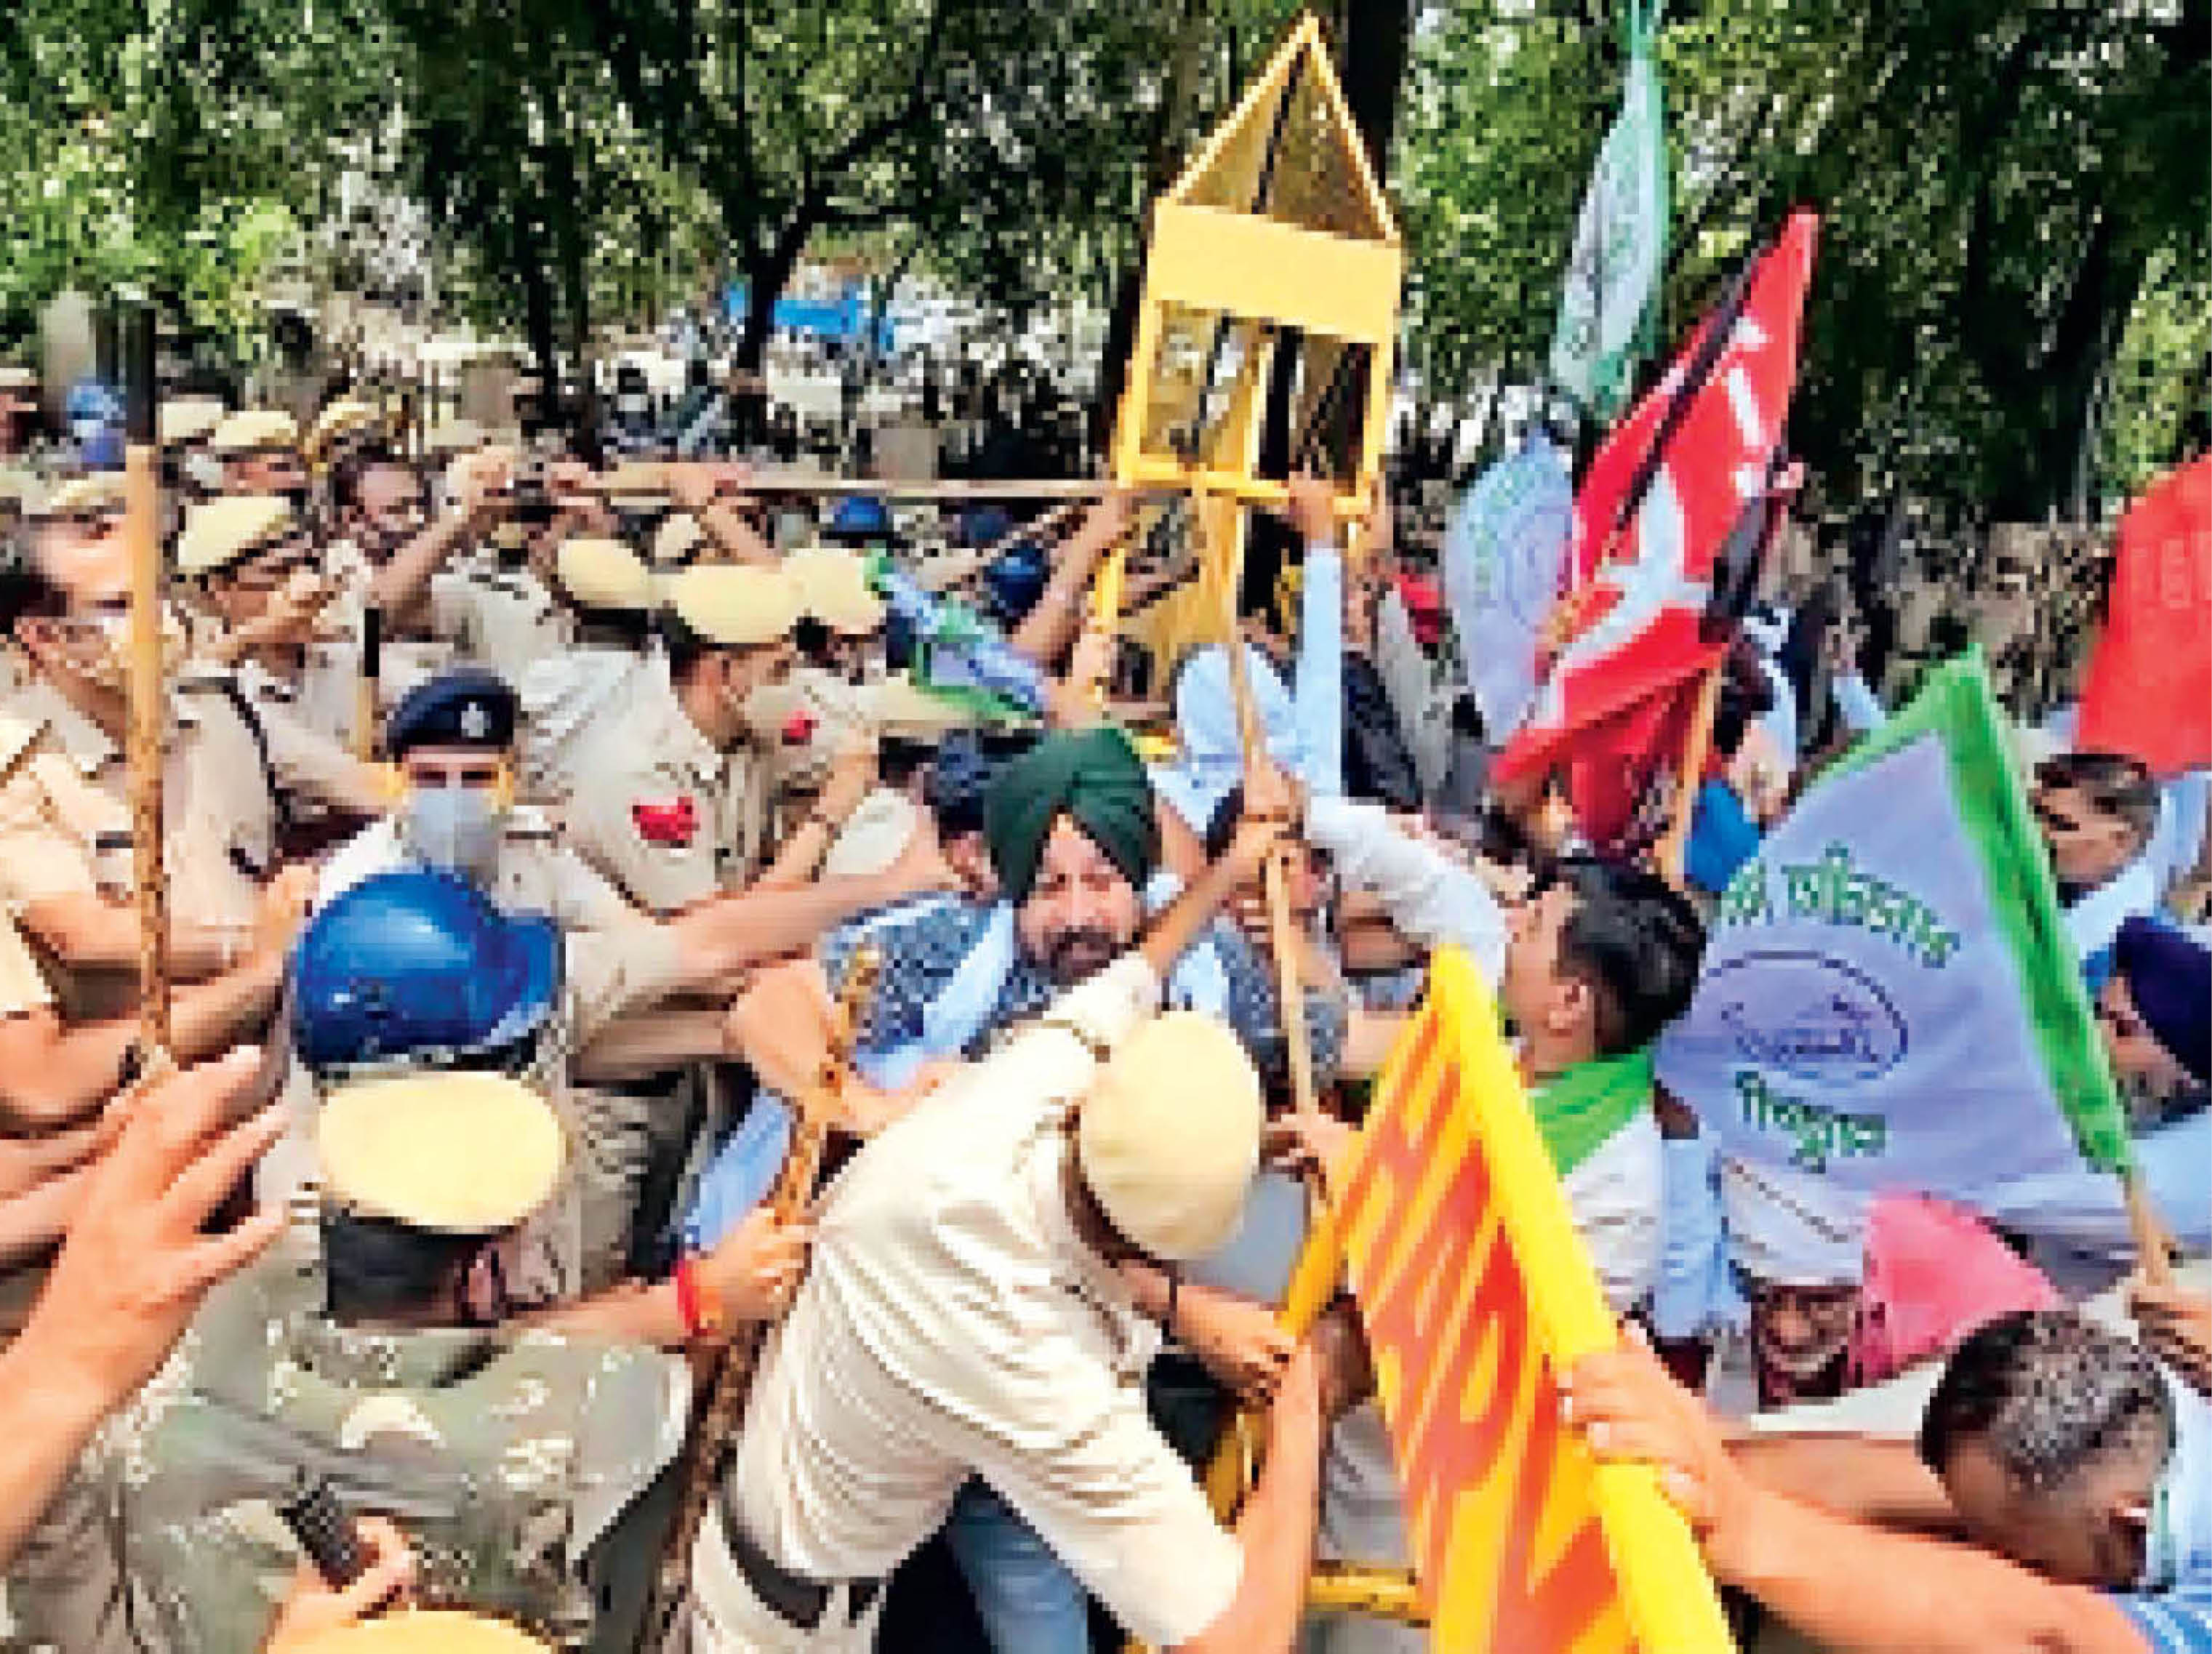 यमुनानगर में झड़प के दौरान पुलिस ने संयम से काम लिया। बाद में किसान नेता भी पीछे हटने को राजी हुए तो किसानों में आपस में भी बहस हुई। - Dainik Bhaskar